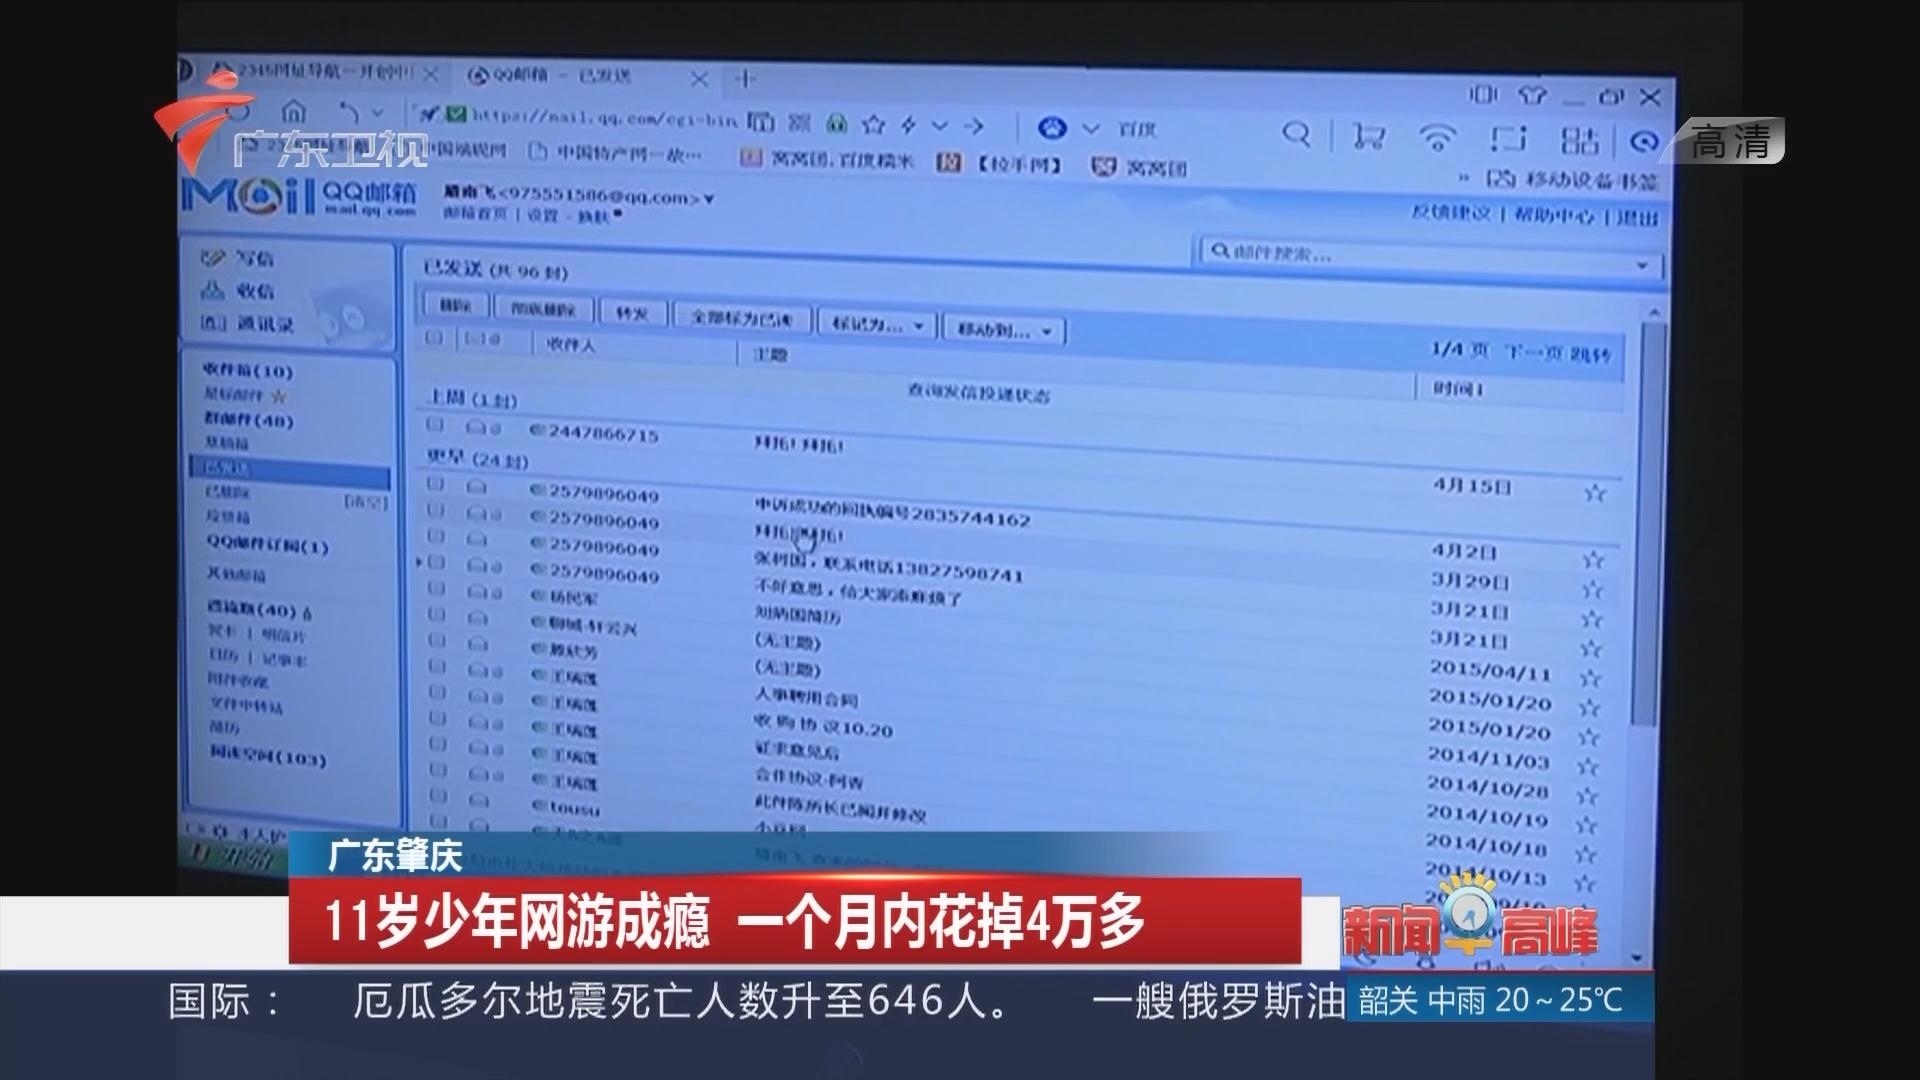 廣東肇慶:11歲少年網游成癮 一個月內花掉4萬多